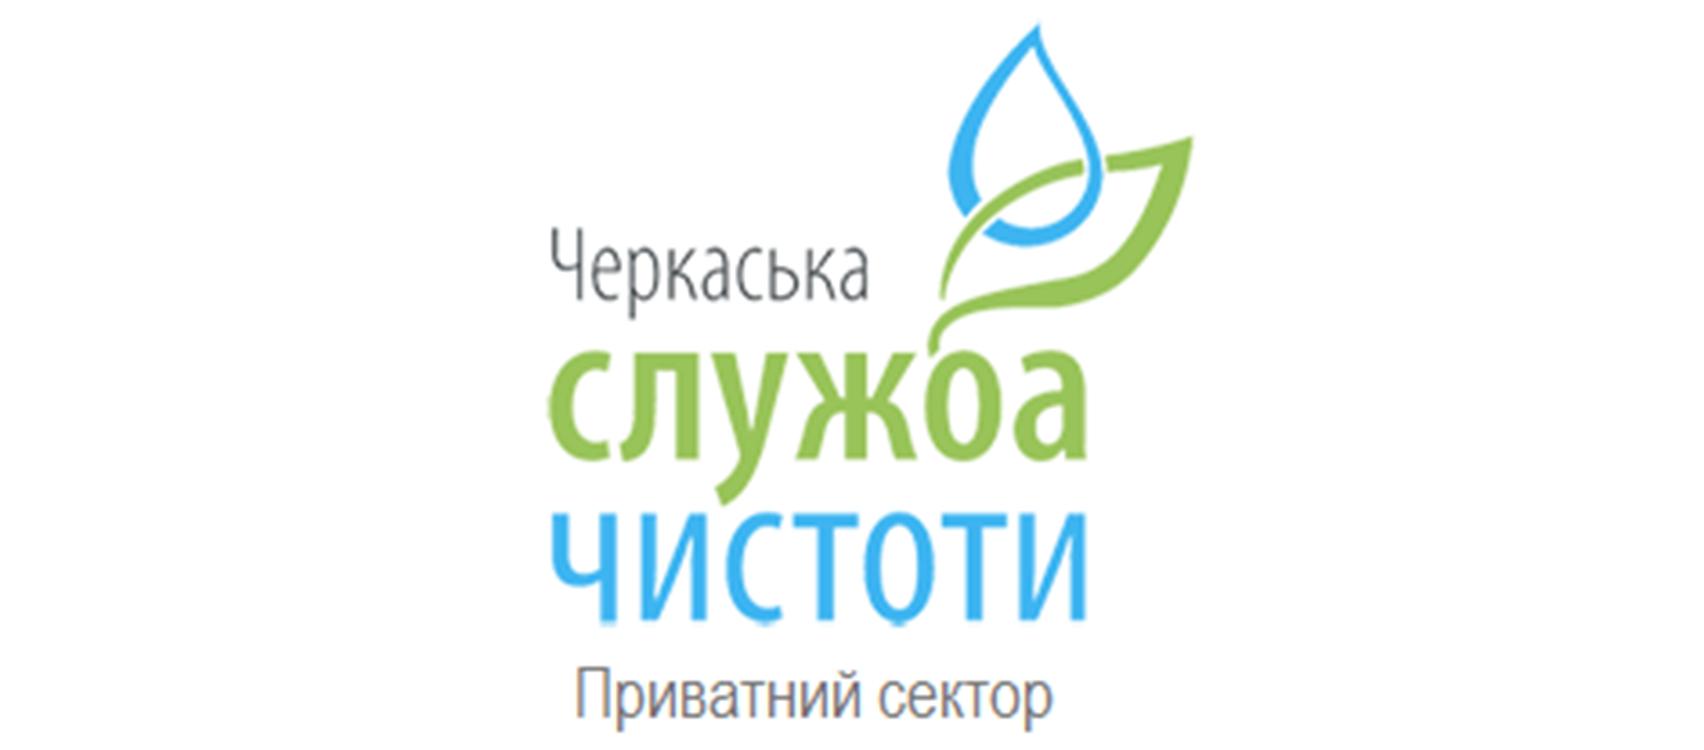 """КП """"ЧЕРКАСЬКА СЛУЖБА ЧИСТОТИ""""  (приватний сектор)"""